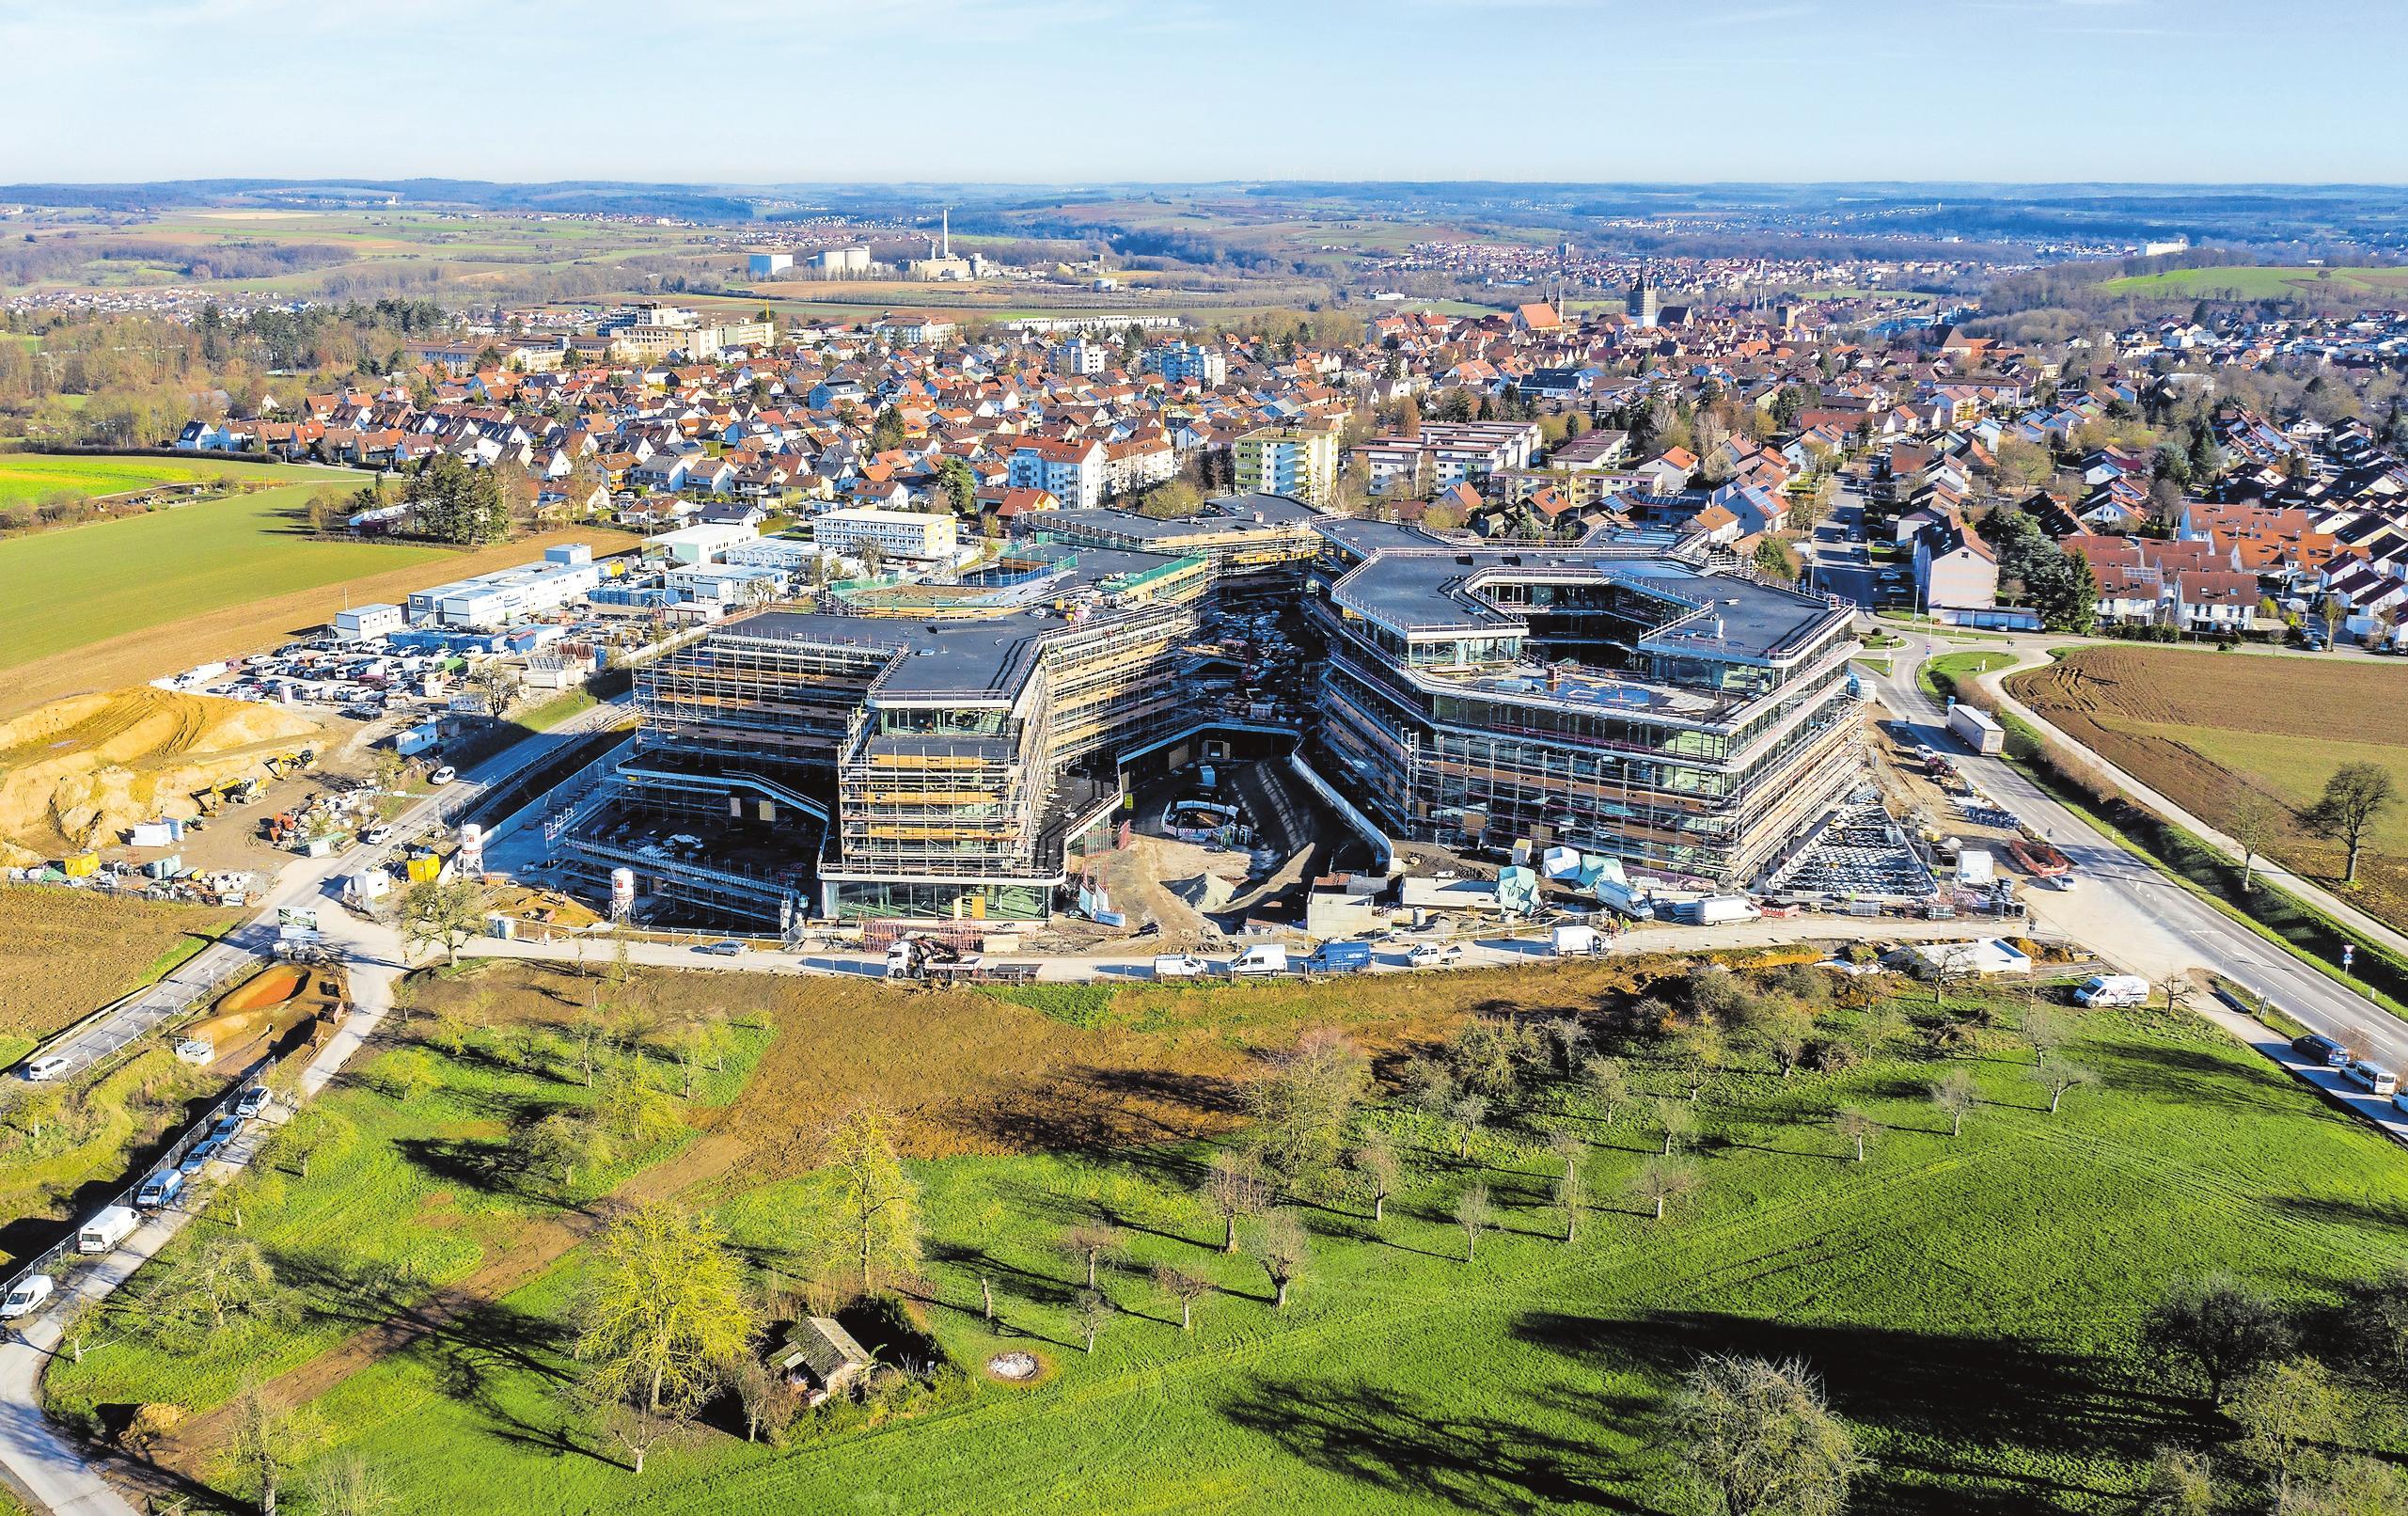 Architektonisch ist der Lidl-Campus in Bad Wimpfen Vorbild für das Projekt in Friedrichshall. Der zweite Schwarz-Campus wird aber deutlich größer. FOTO: Matthias Bitsch